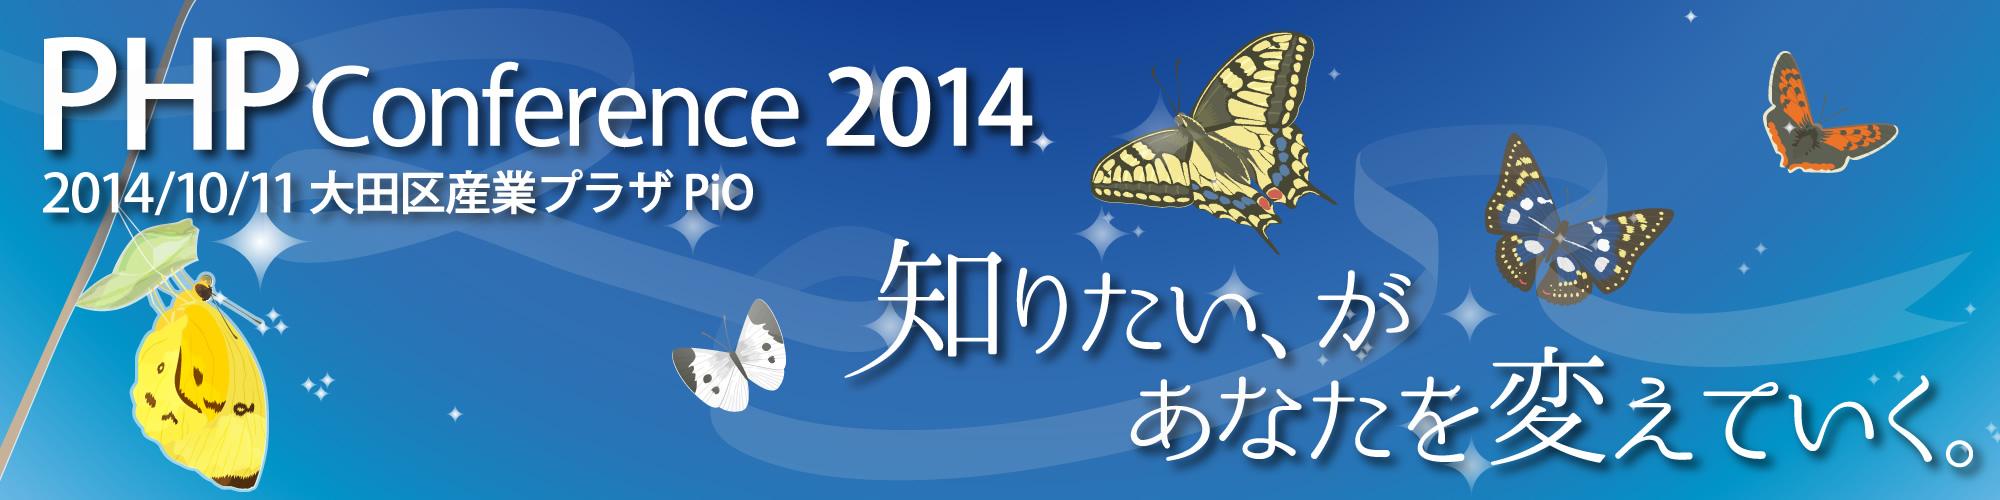 PHPカンファレンス2014